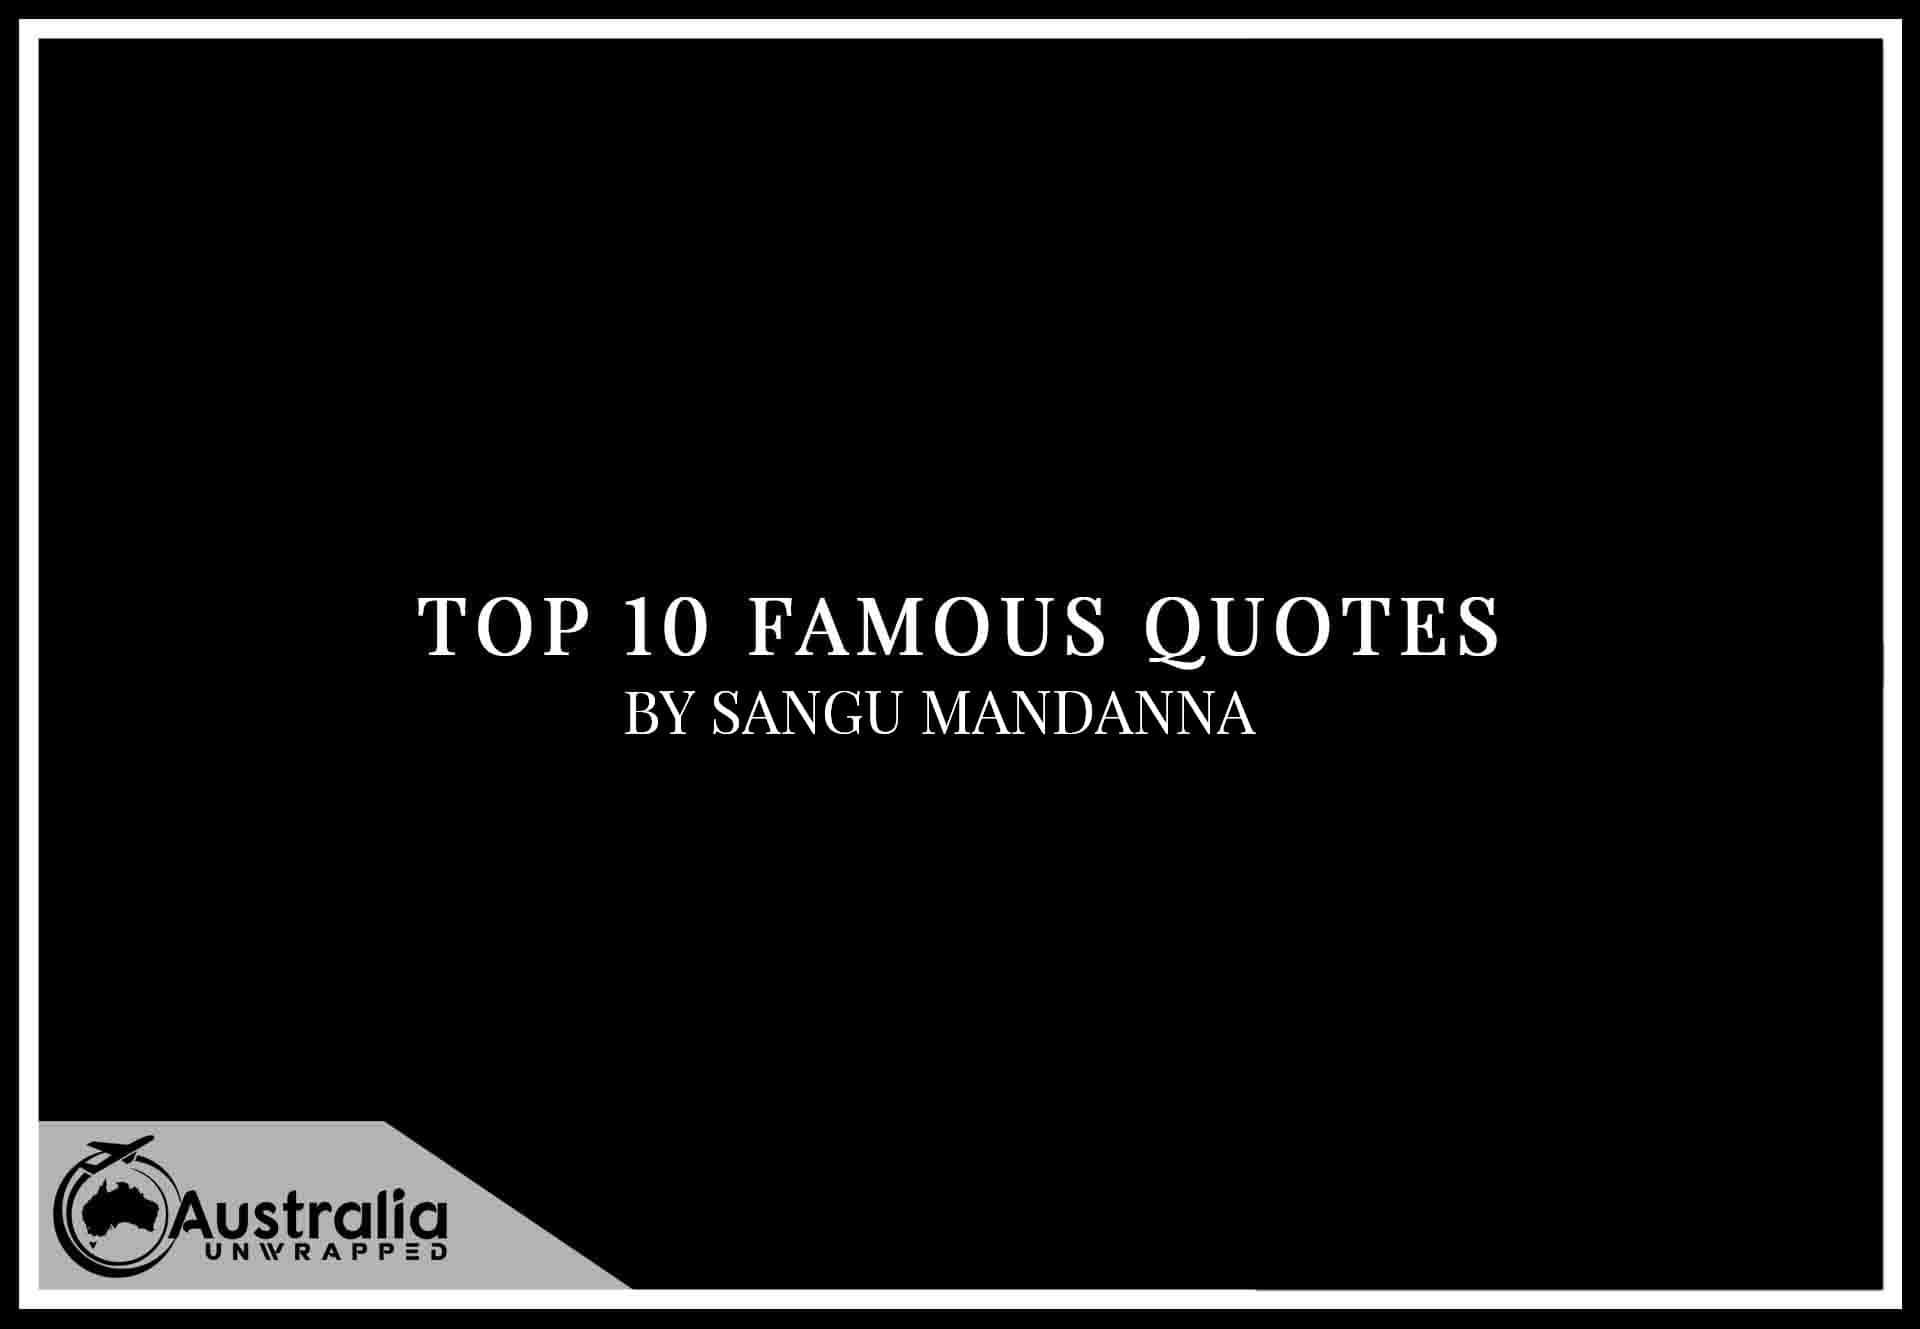 Top 10 Famous Quotes by Author Sangu Mandanna